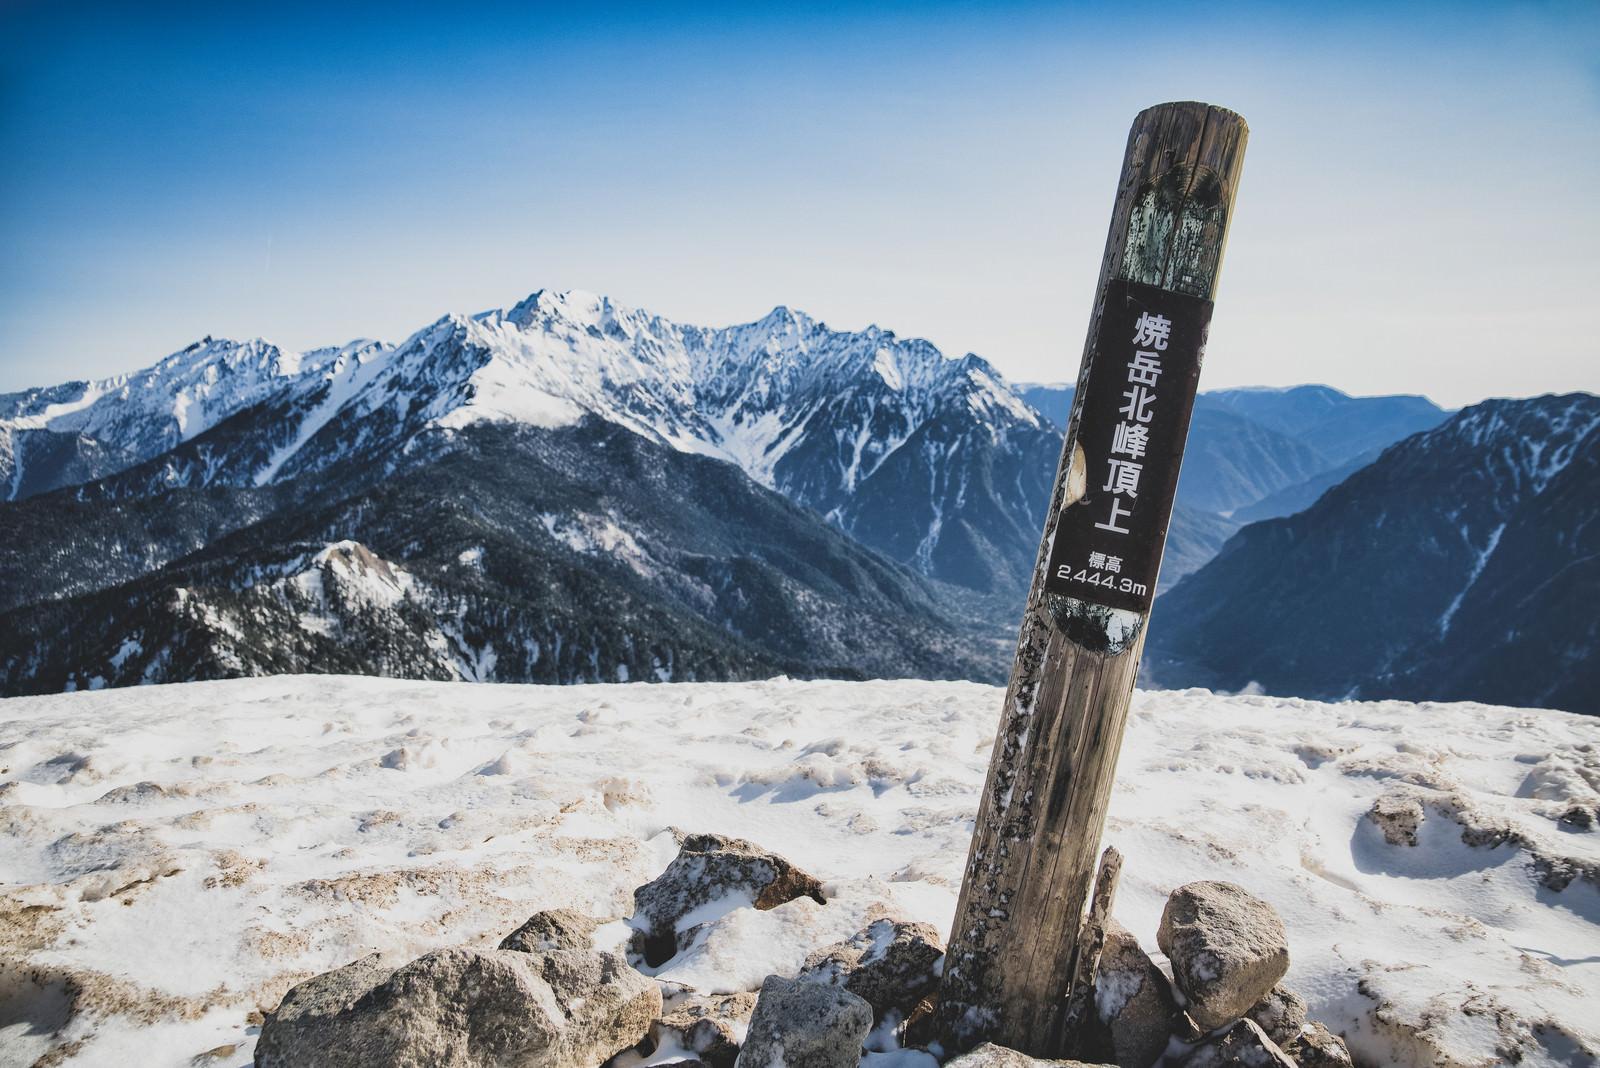 「焼岳山頂にある標識(北アルプス)」の写真